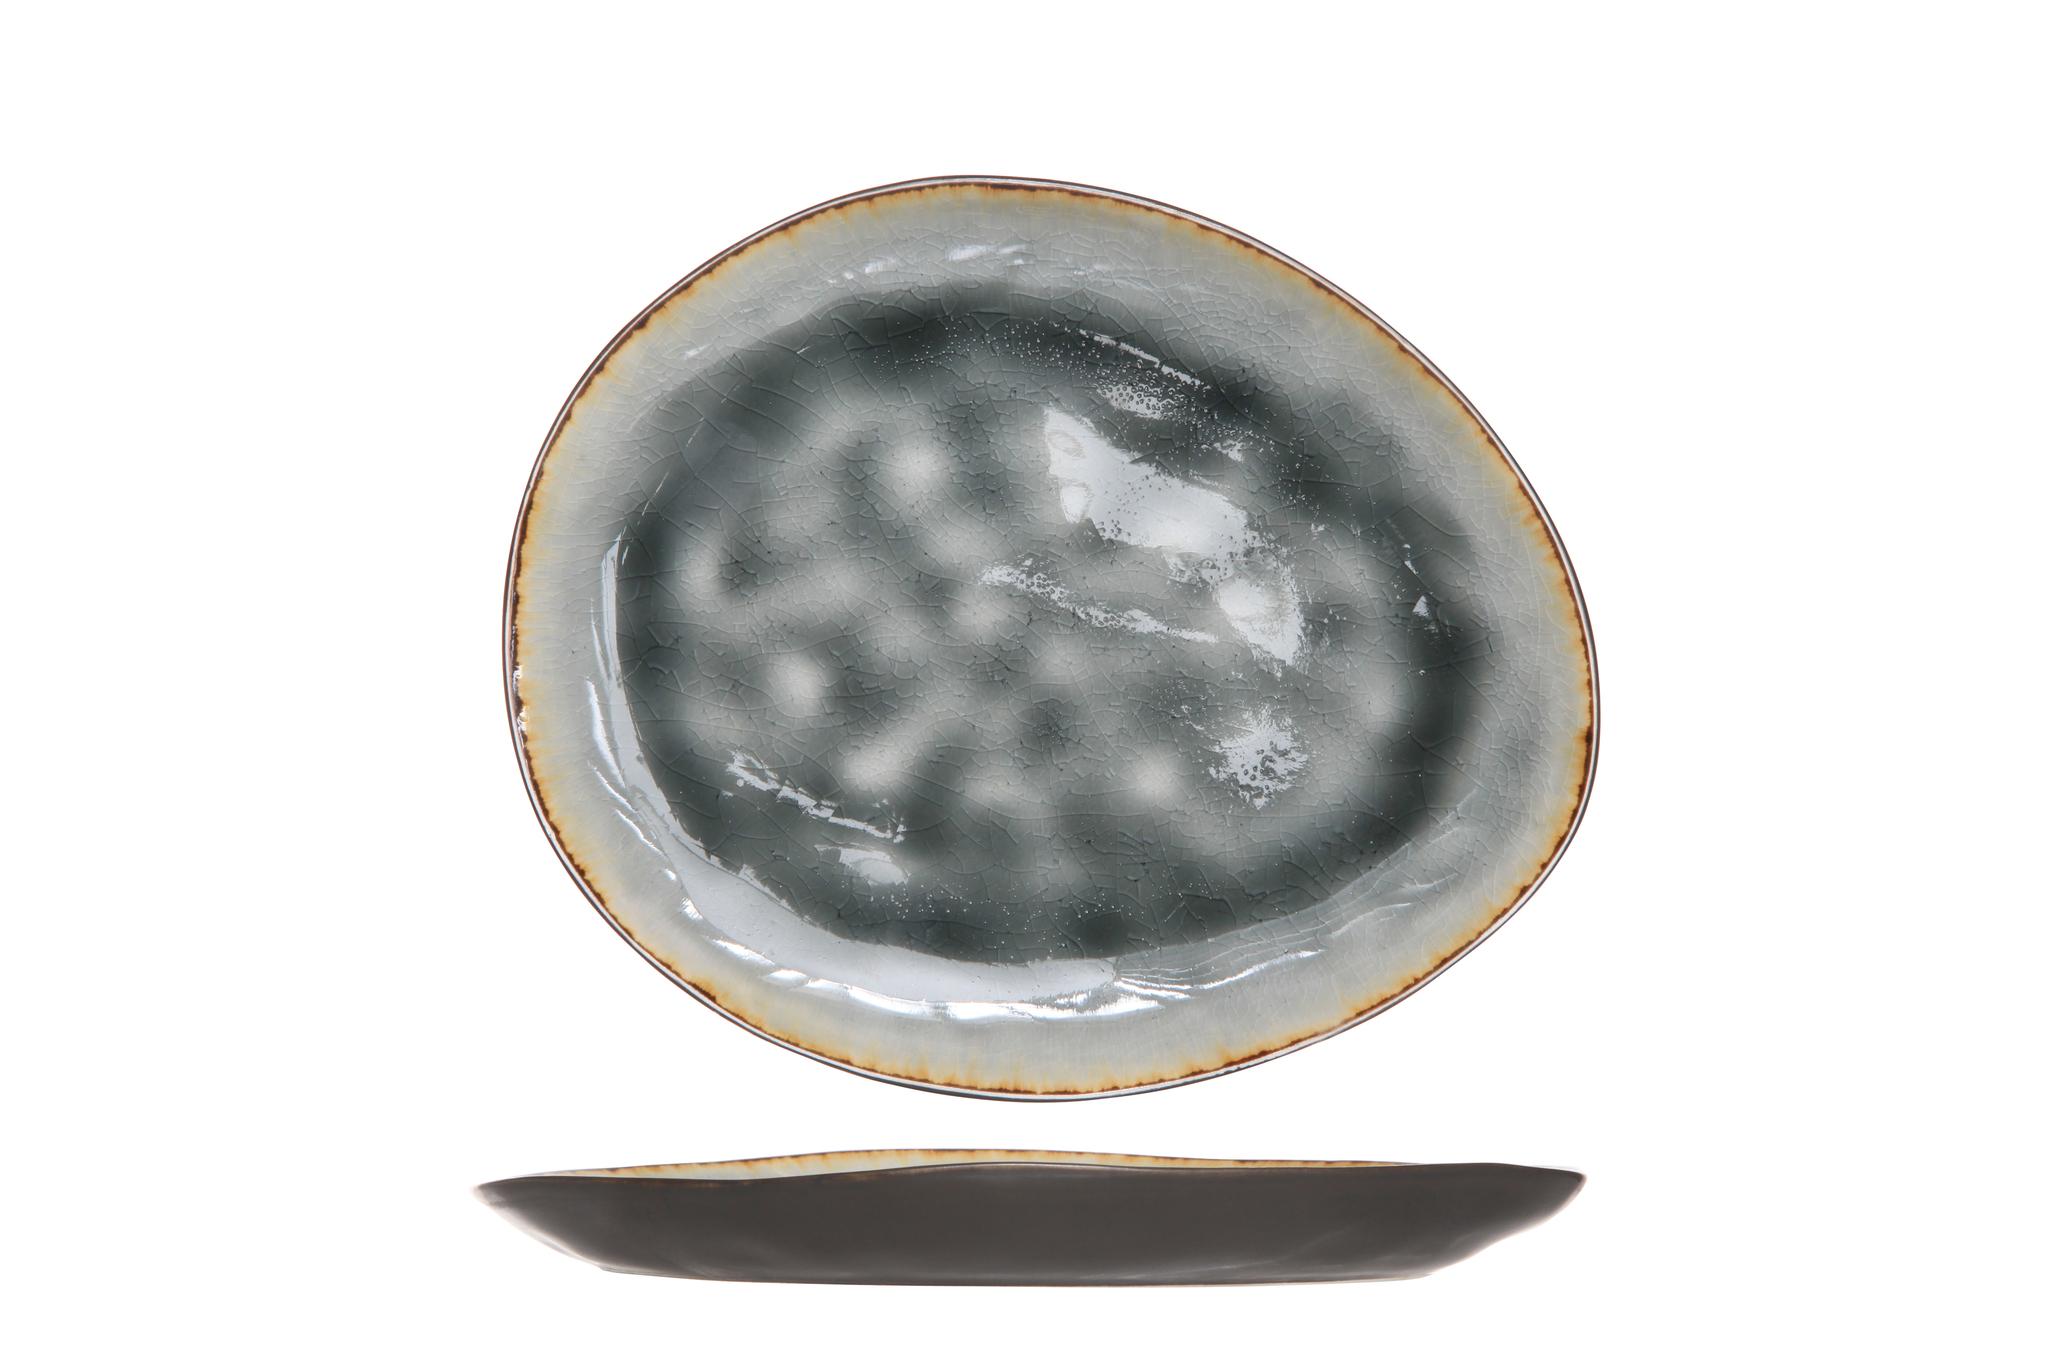 Тарелка овальная 19,5х16 см COSY&amp;TRENDY Laguna blue-grey 5556320Тарелки<br>Тарелка овальная 19,5х16 см COSY&amp;TRENDY Laguna blue-grey 5556320<br><br>Эта коллекция из каменной керамики поражает удивительным цветом, текстурой и формой. Насыщенный ярко-серый оттенок с волнистым рельефом погружают в прибрежную лагуну. Органические края для дополнительного дизайна. Коллекция Laguna Blue-Grey воссоздает исключительный внешний вид приготовленных блюд.<br>